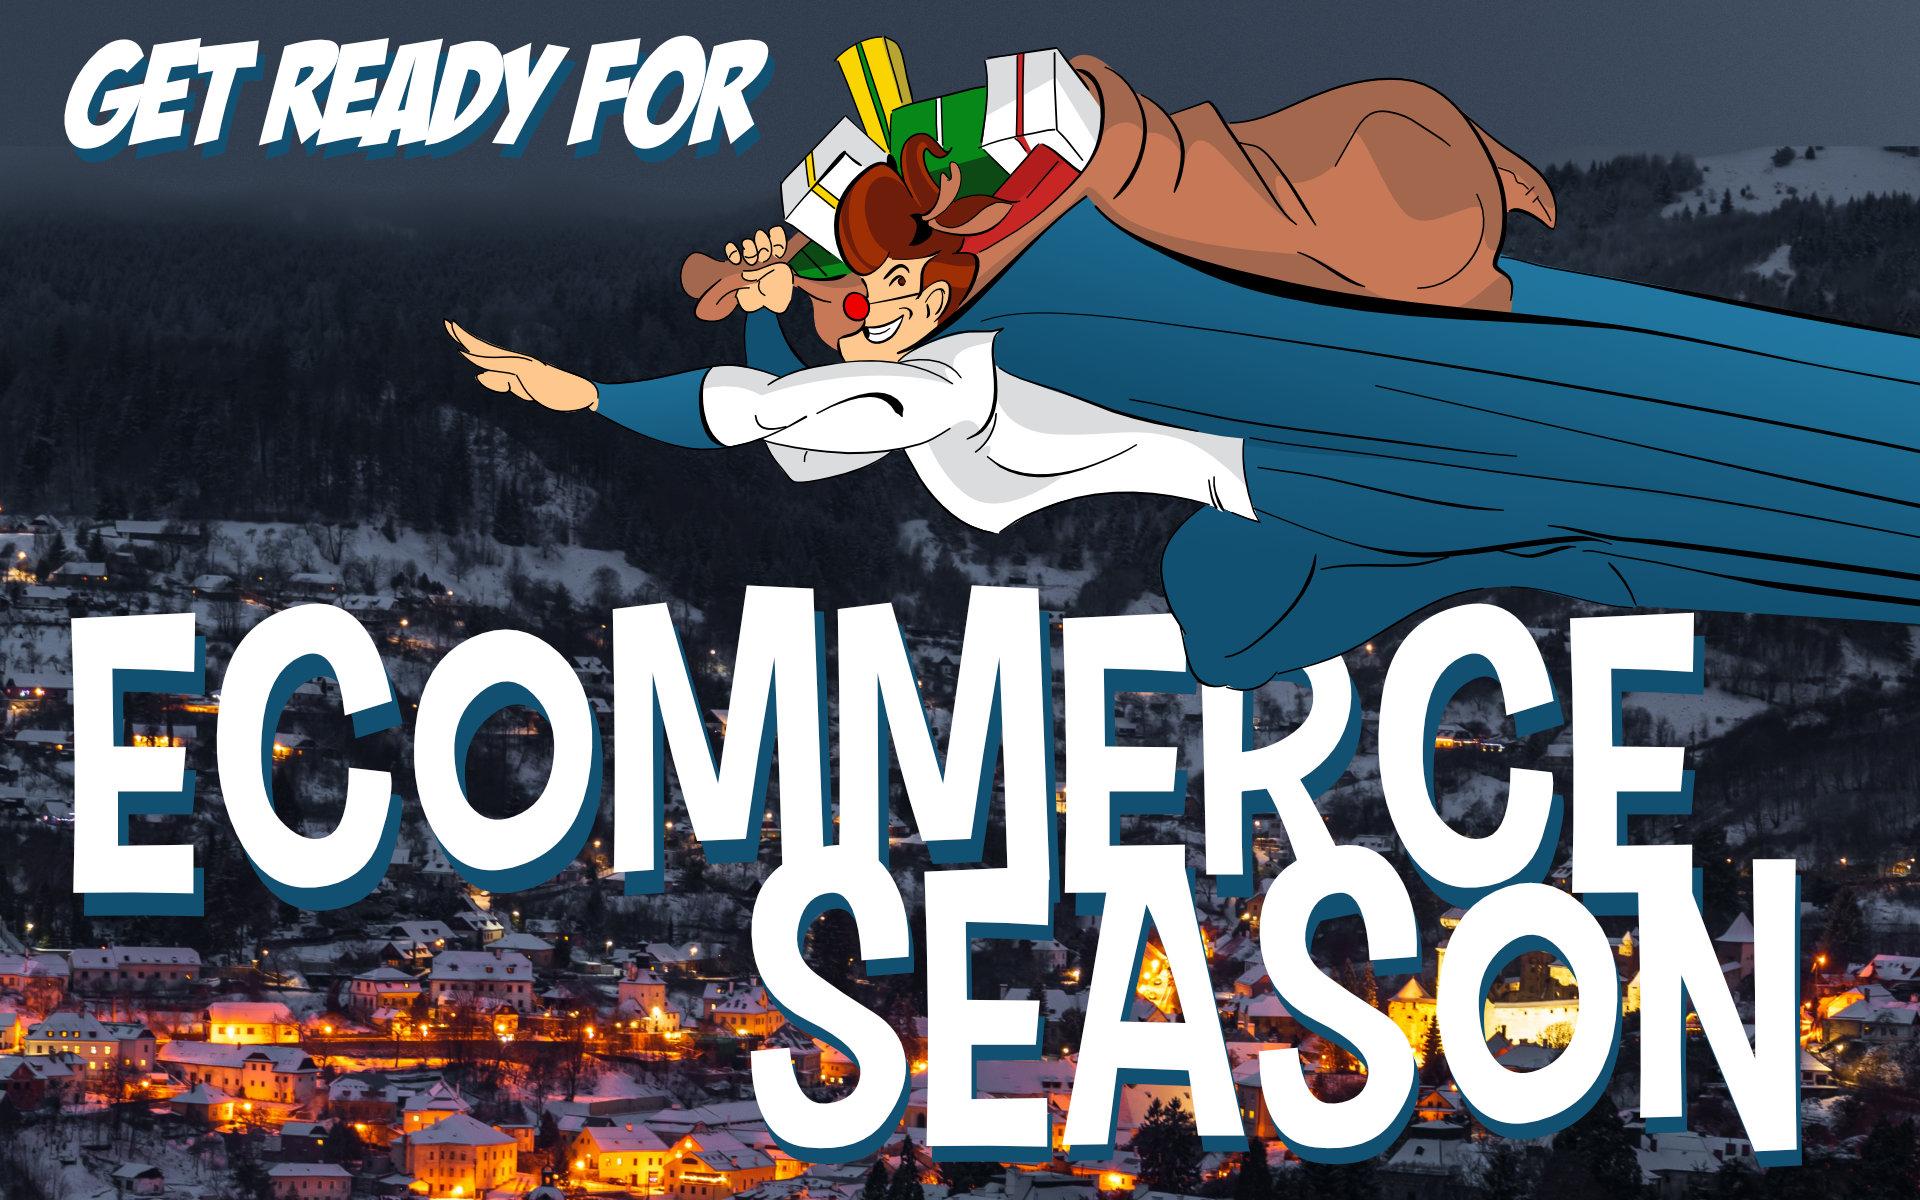 Ecommerce Season 2020